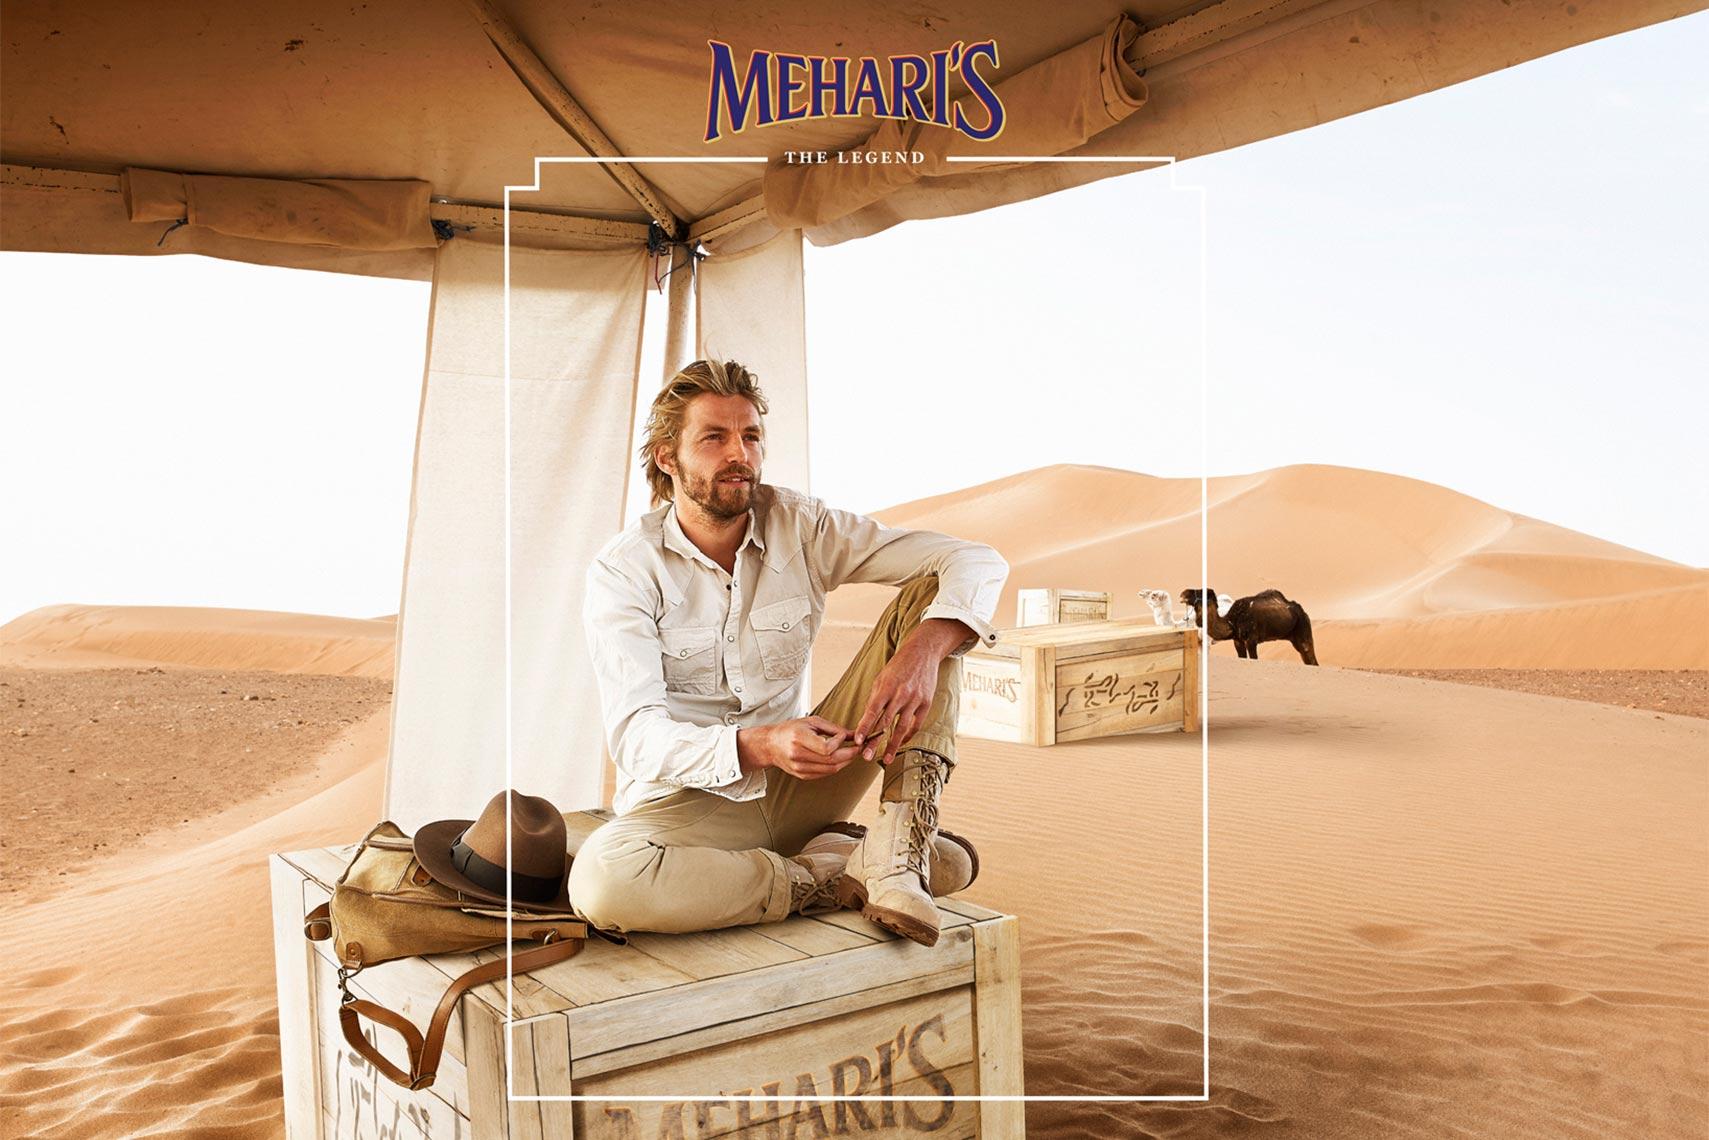 gvdw-meharis-reclamefotografie-pim-vuik-fotografie-rotterdam-02.jpg